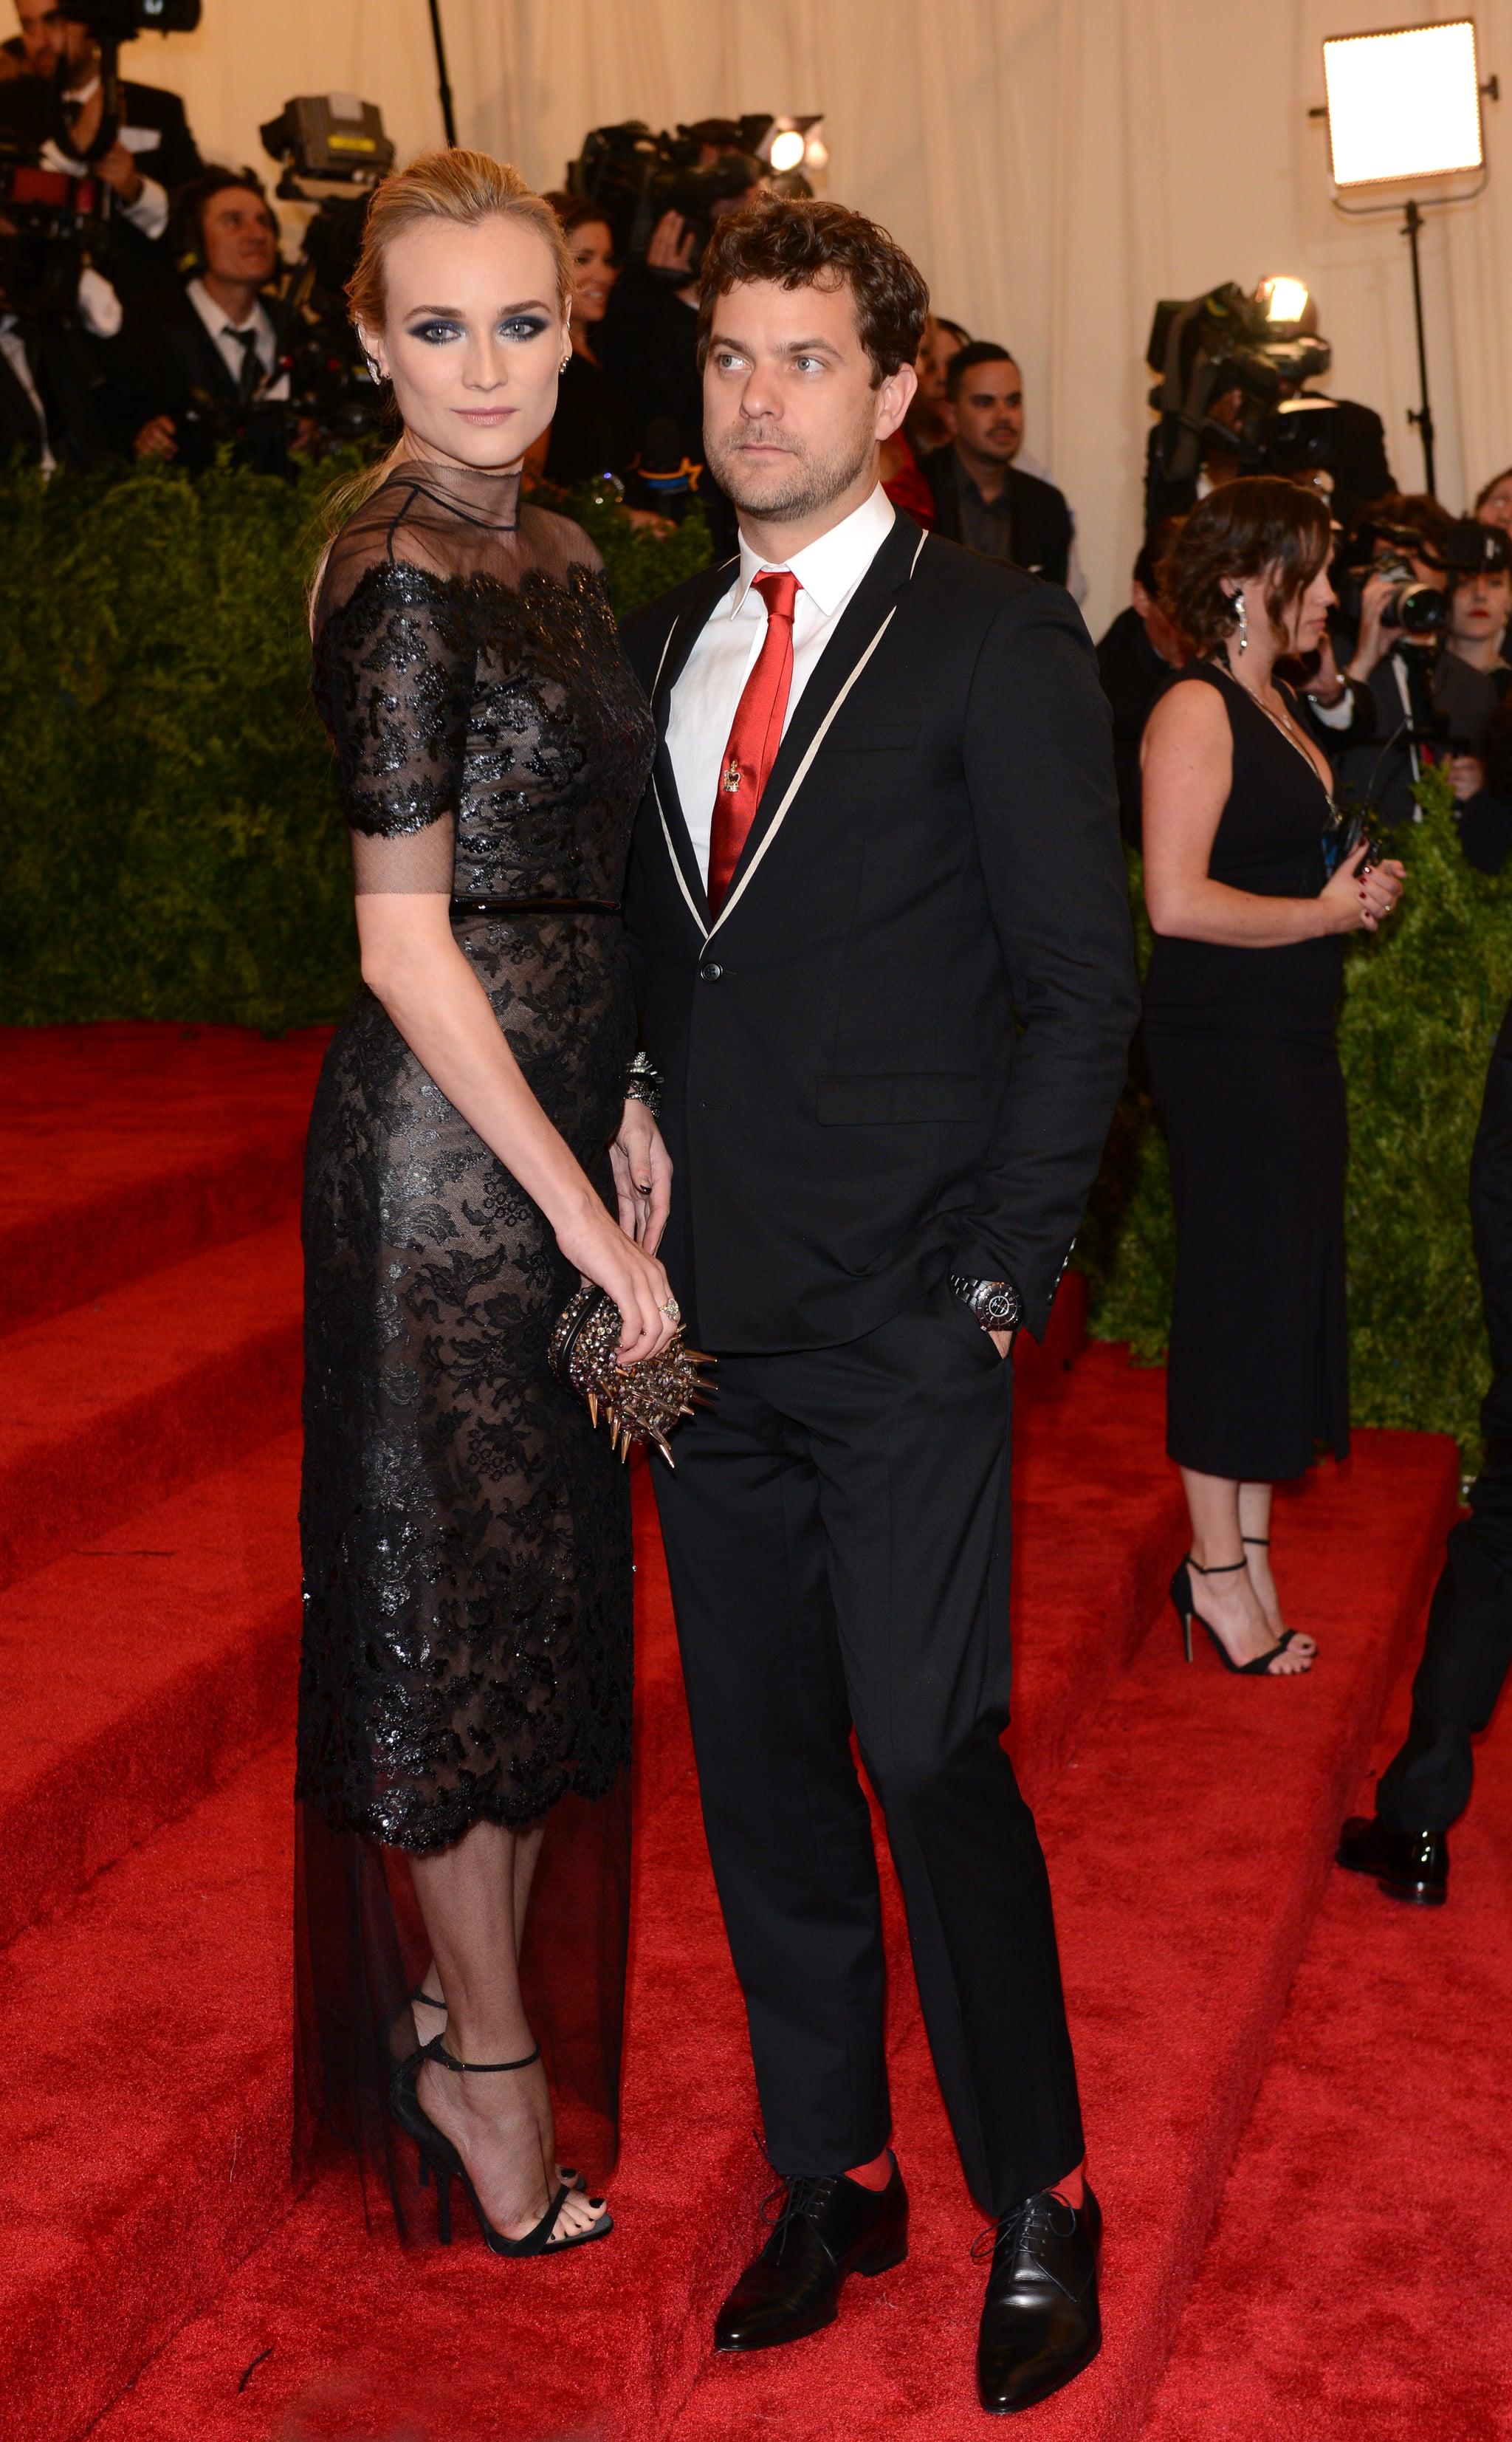 Diane Kruger and Joshua Jackson at the 2013 Met Gala